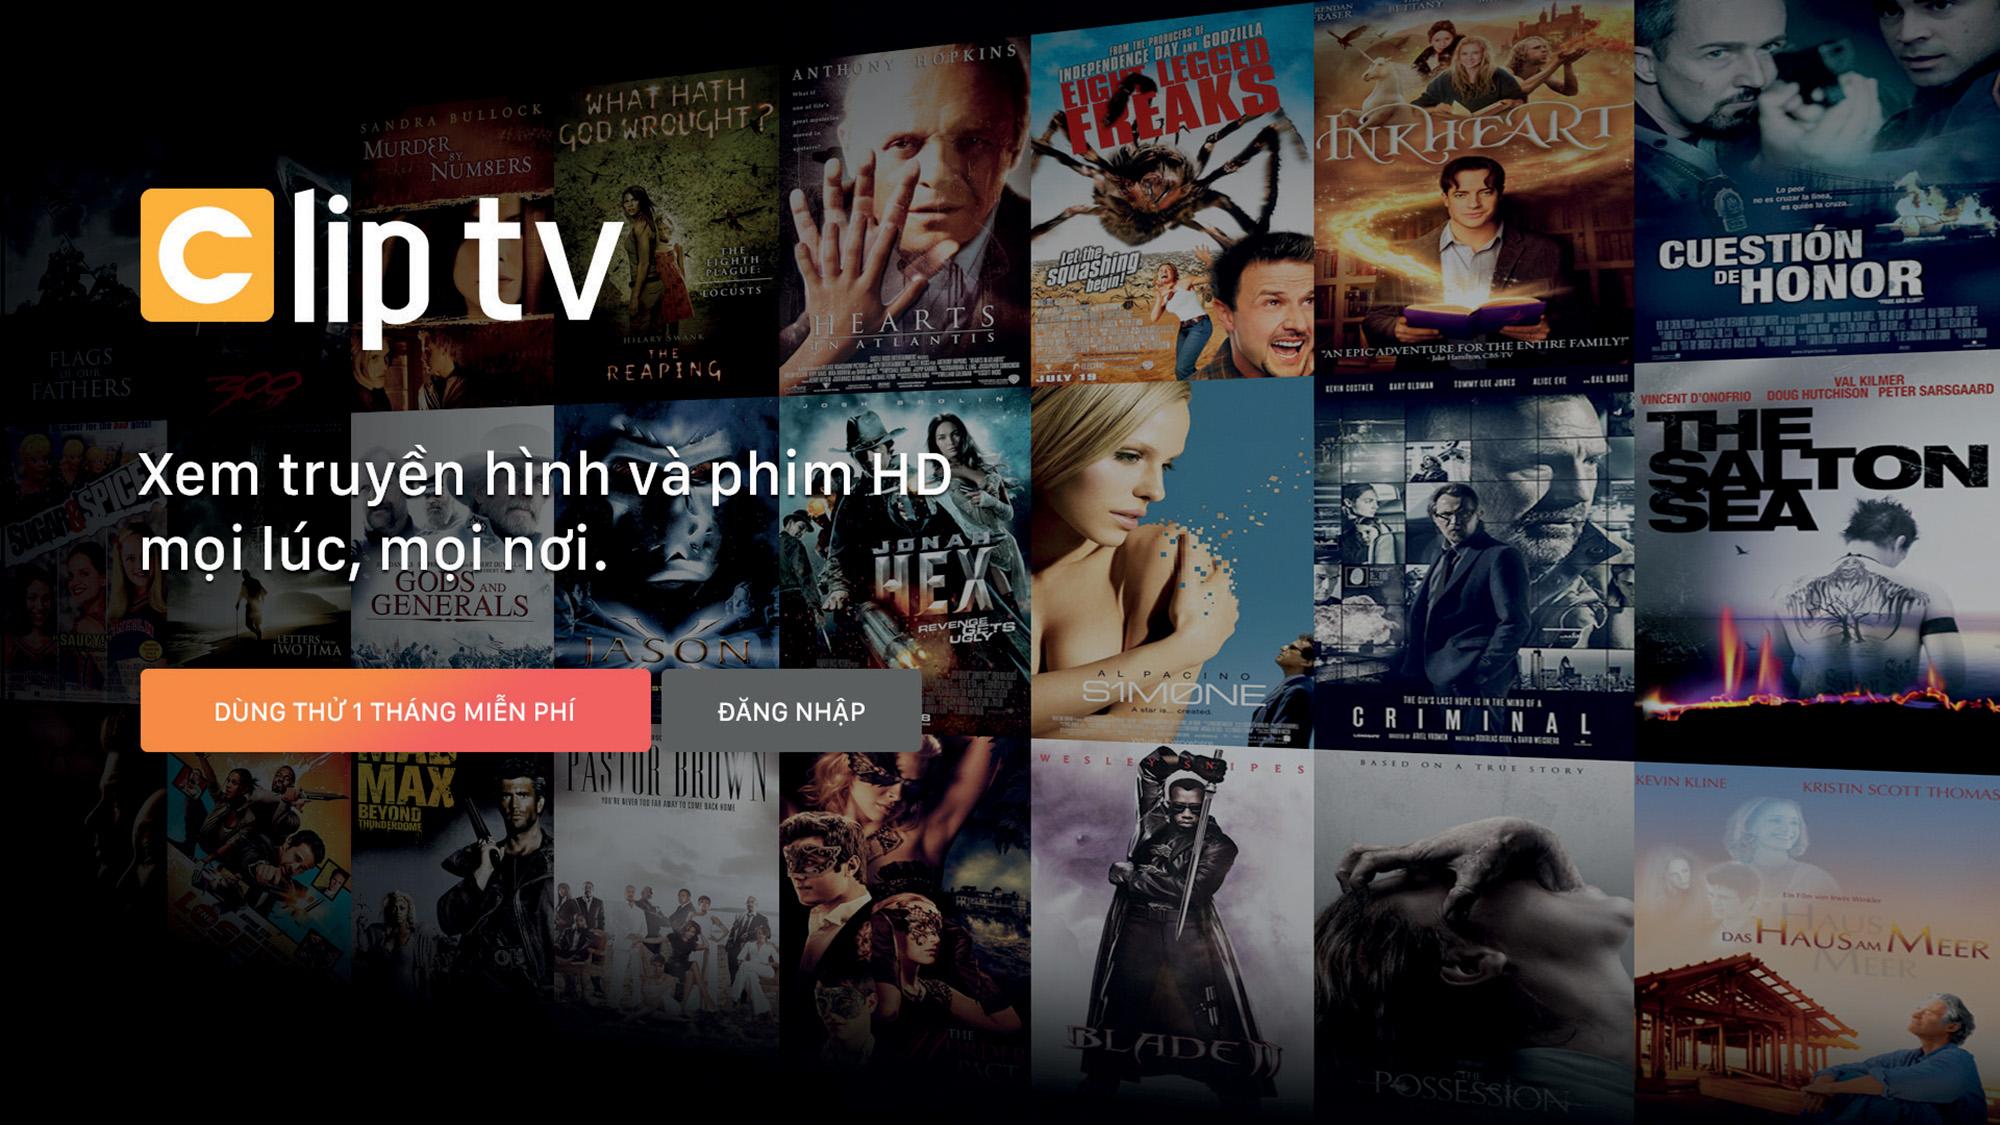 xem phim tại ứng dụng cliptv